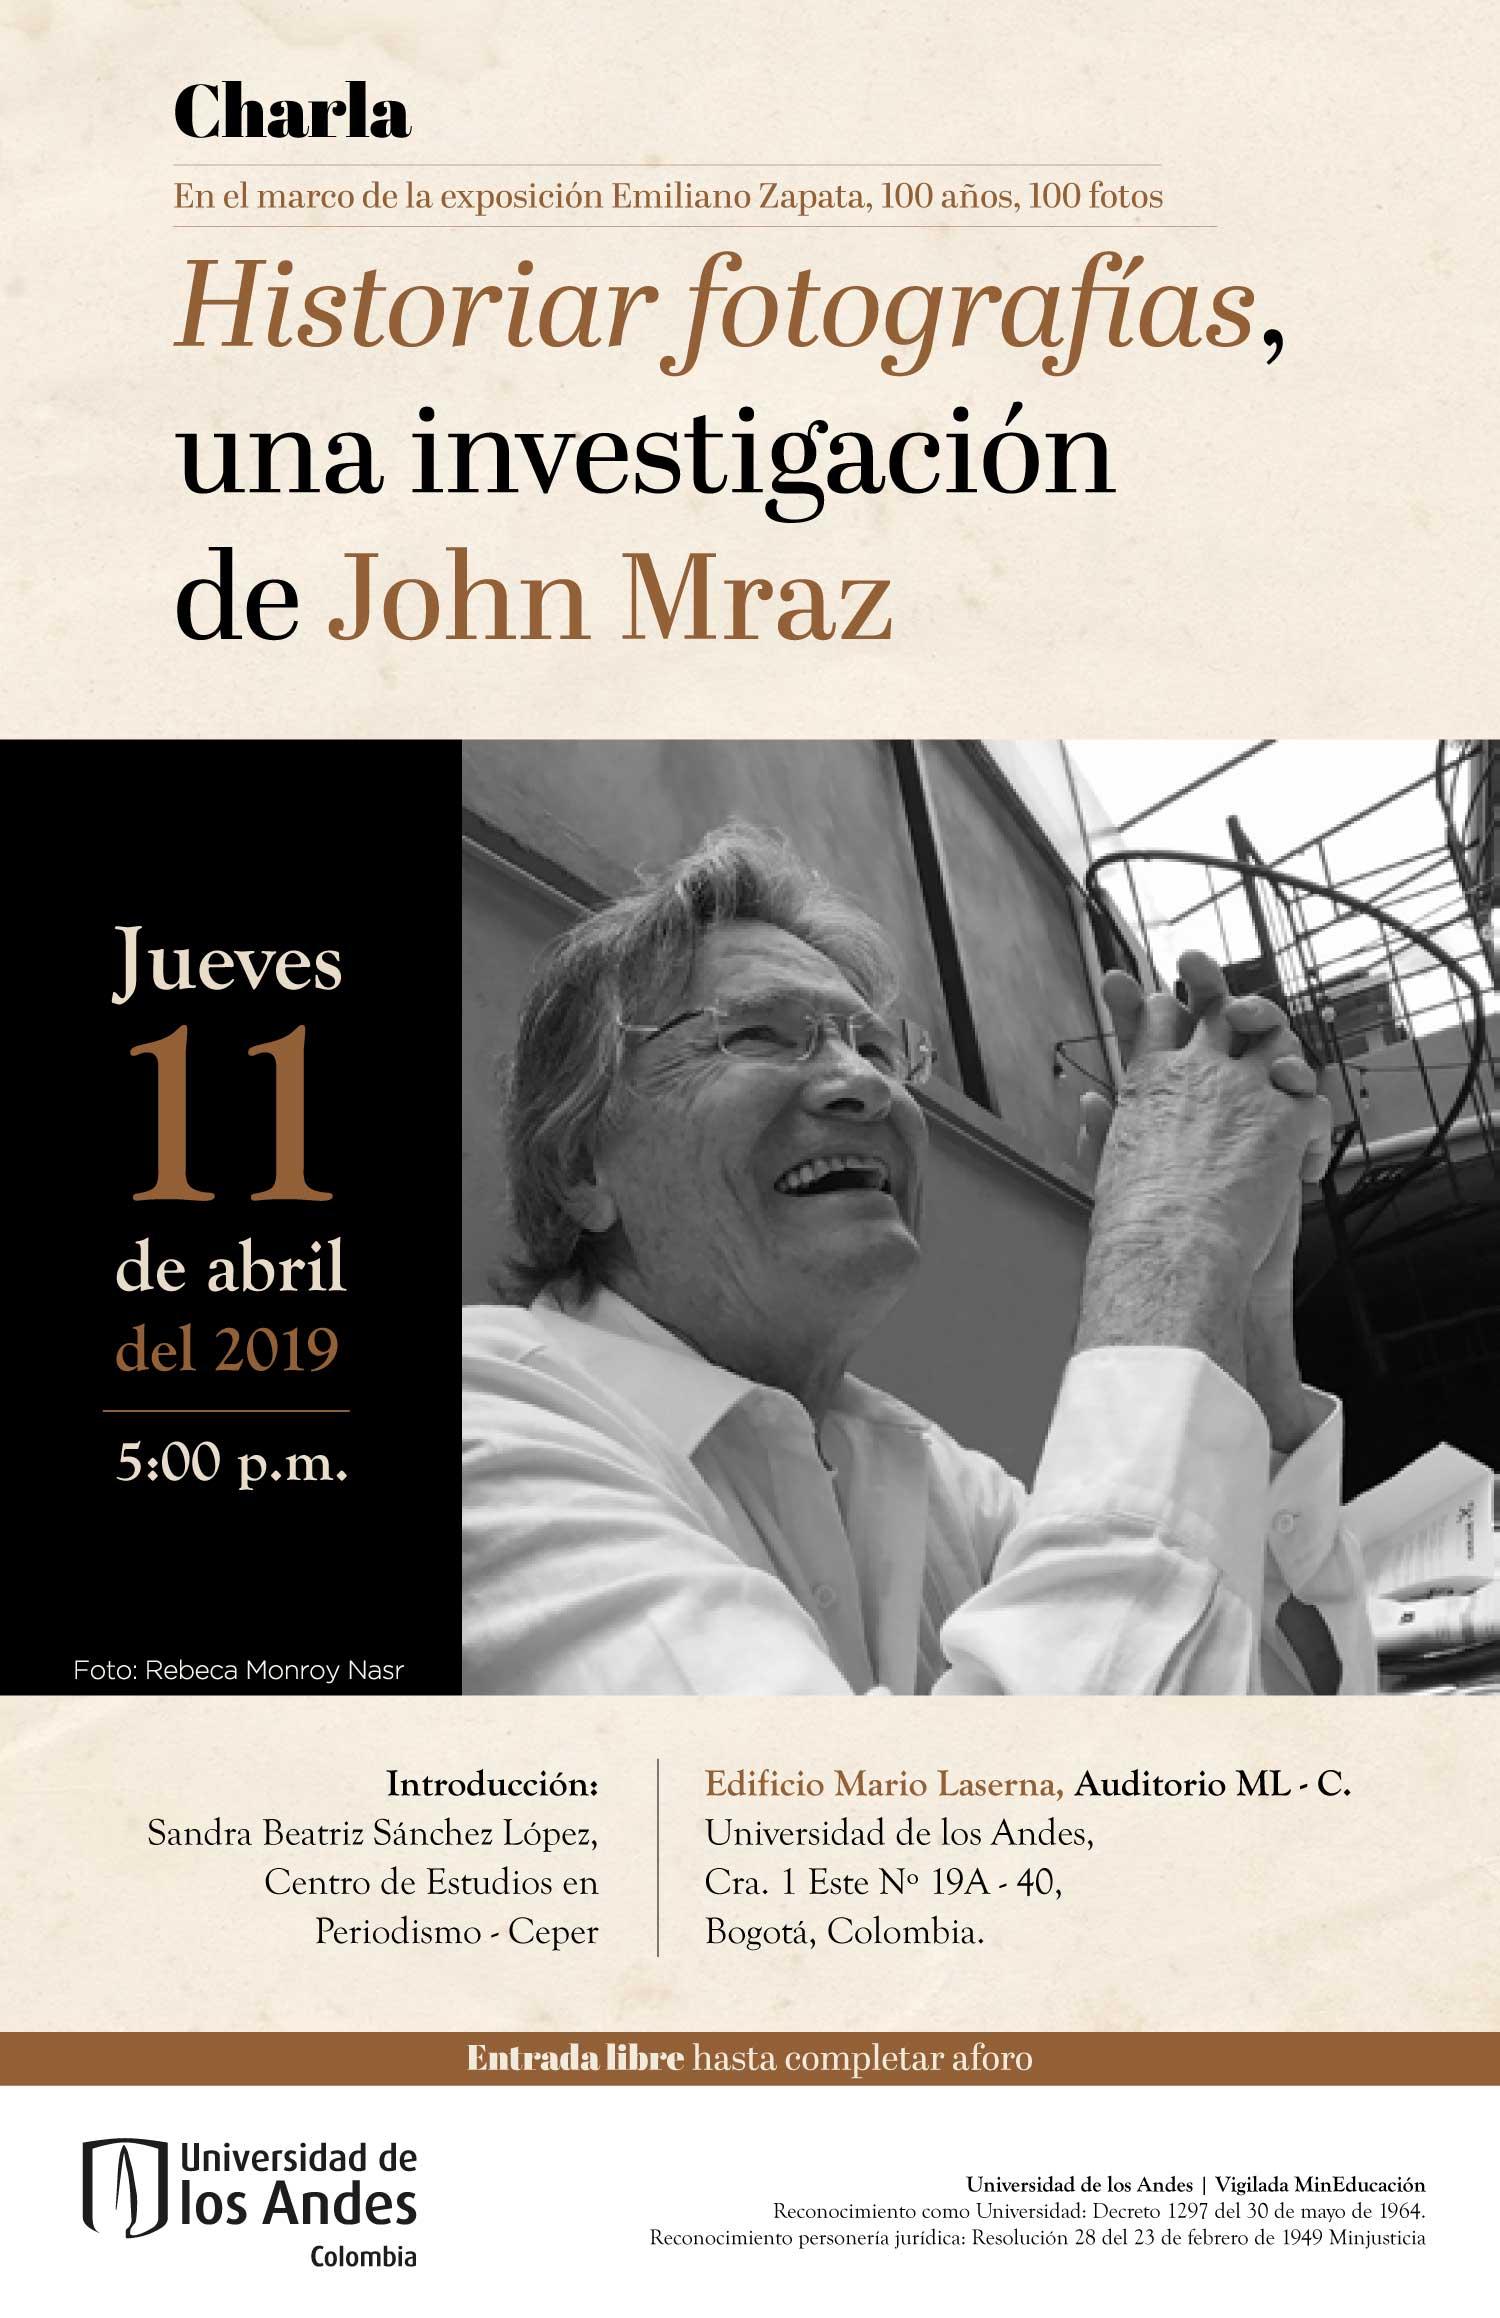 Charla – Historiar fotografías, una investigación de John Mraz